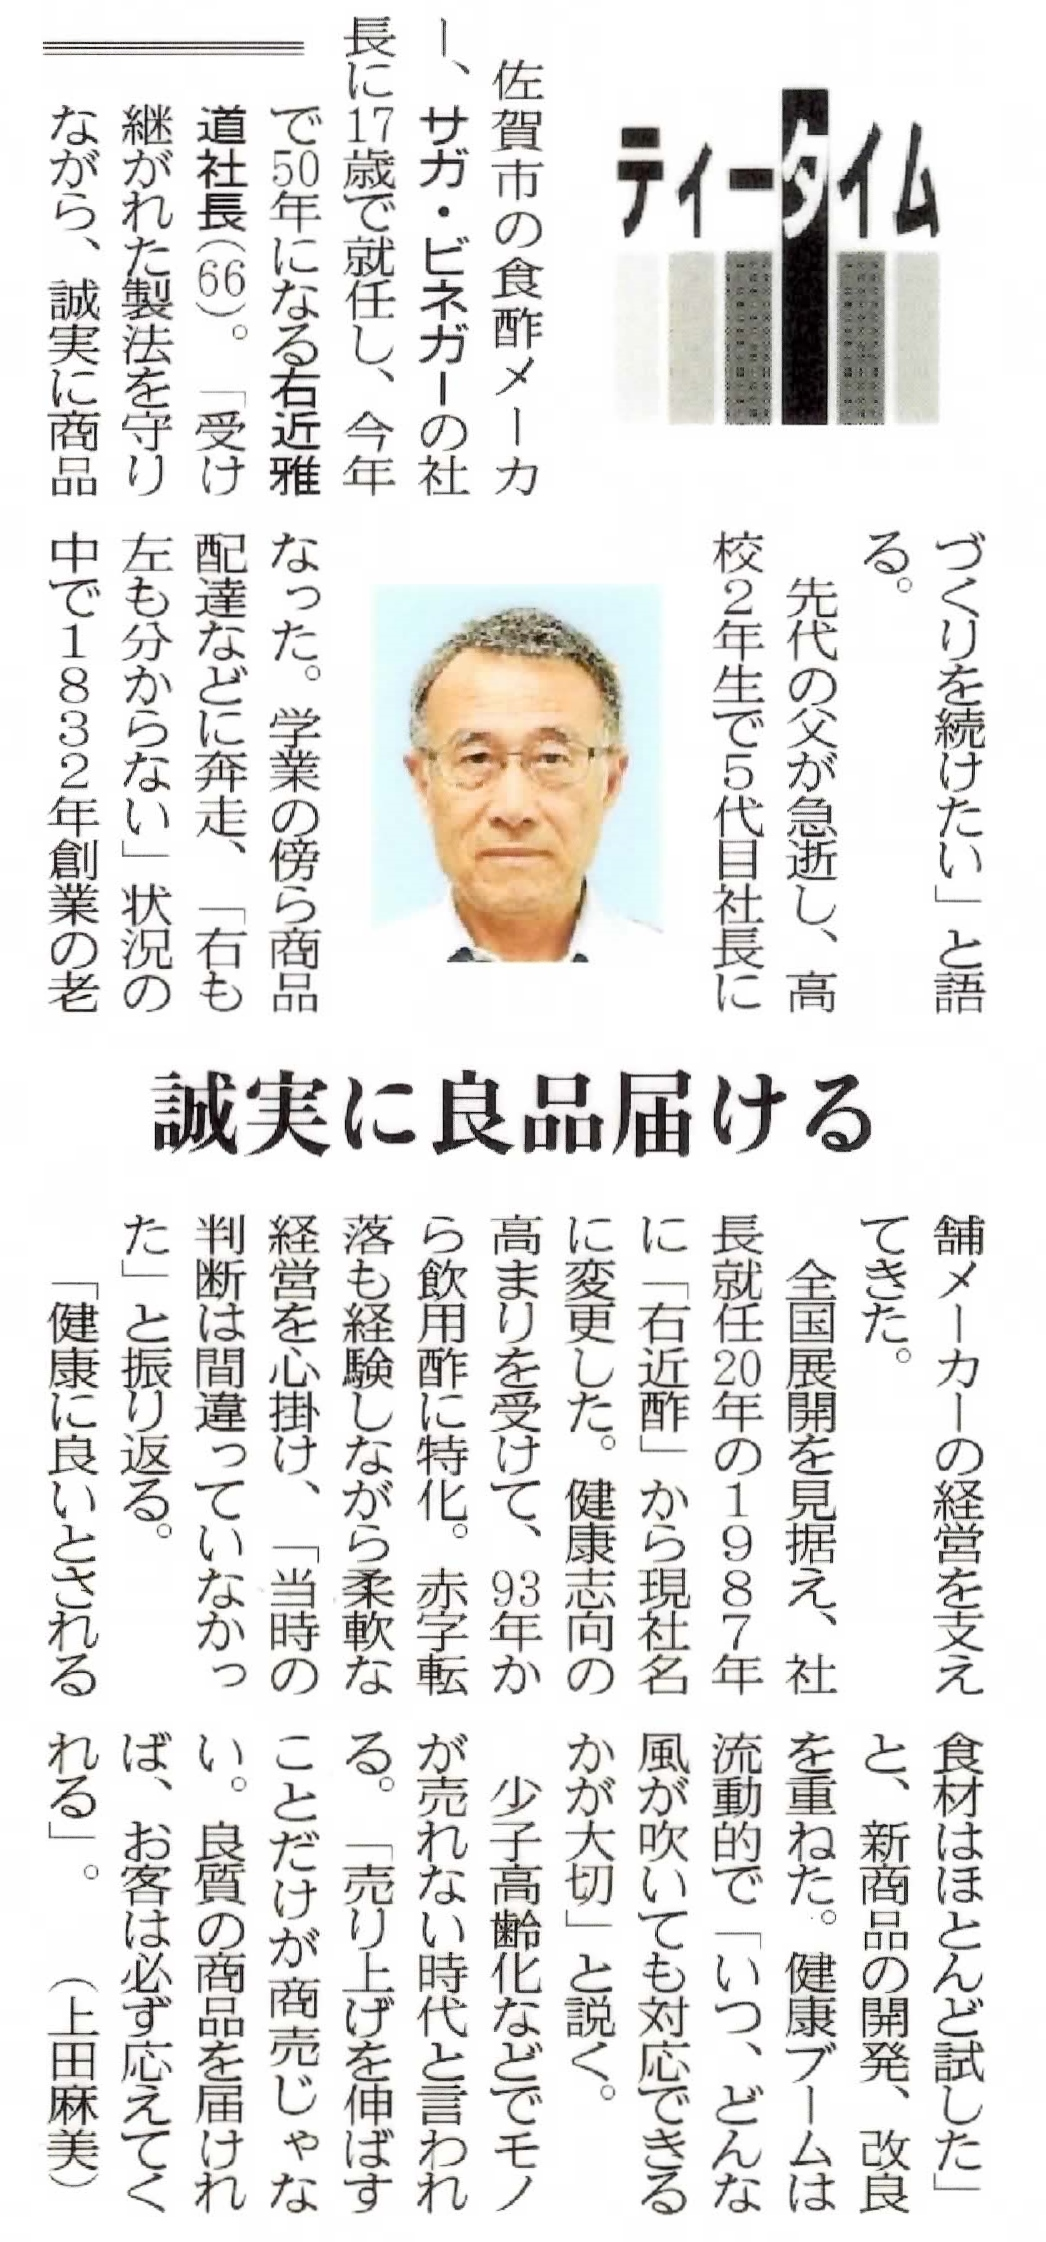 新聞掲載 2017年(平成29年)7月19日 佐賀新聞 「誠実に良品届ける」